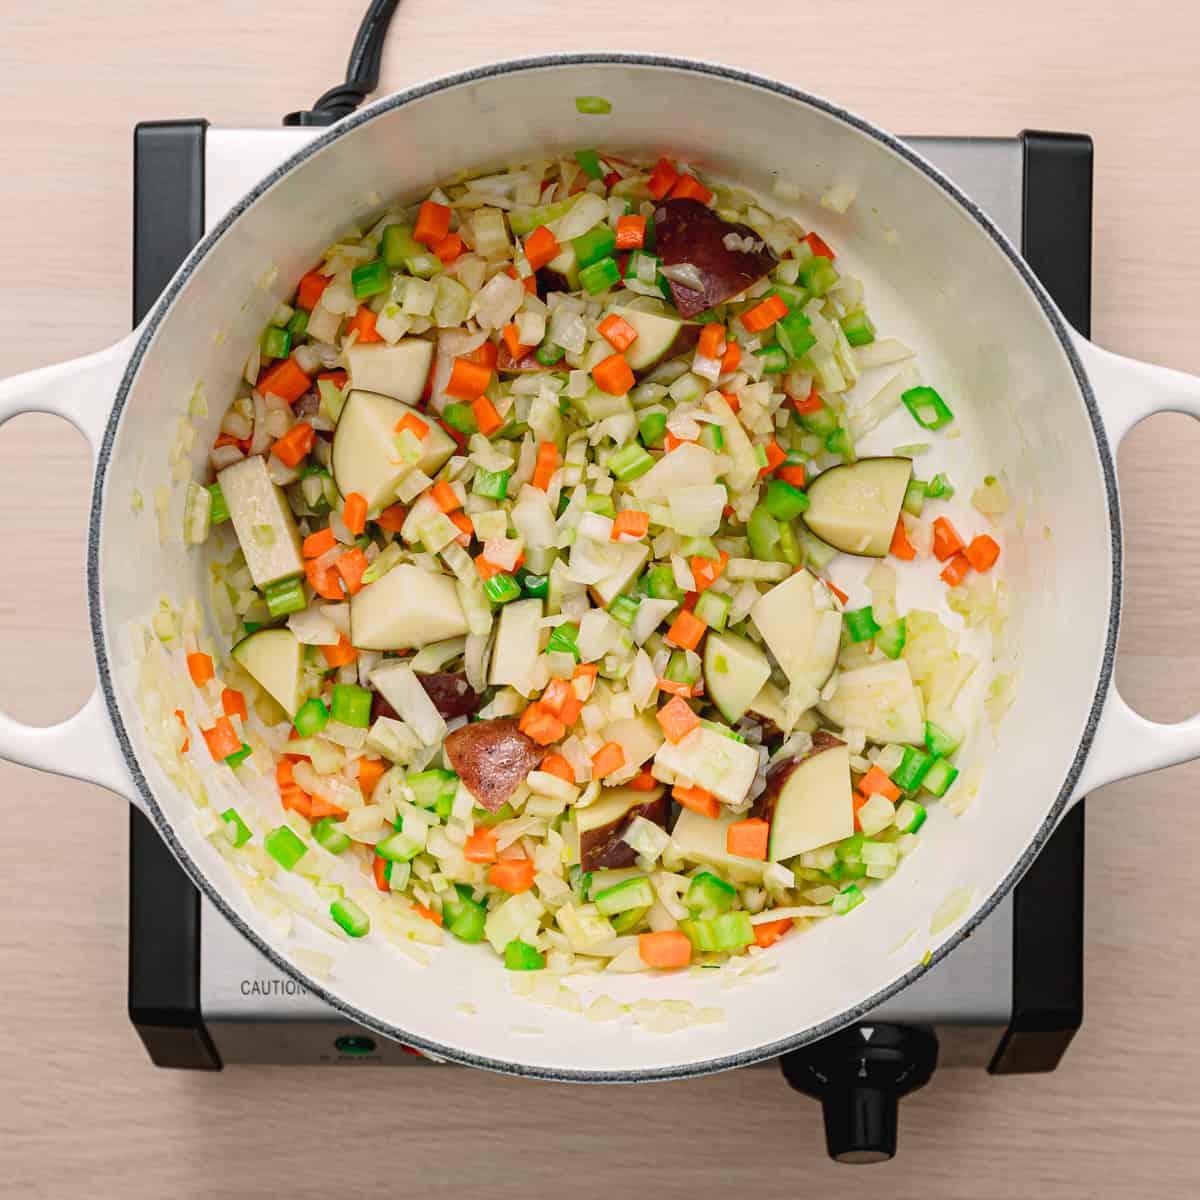 onion, carrot, and potato.